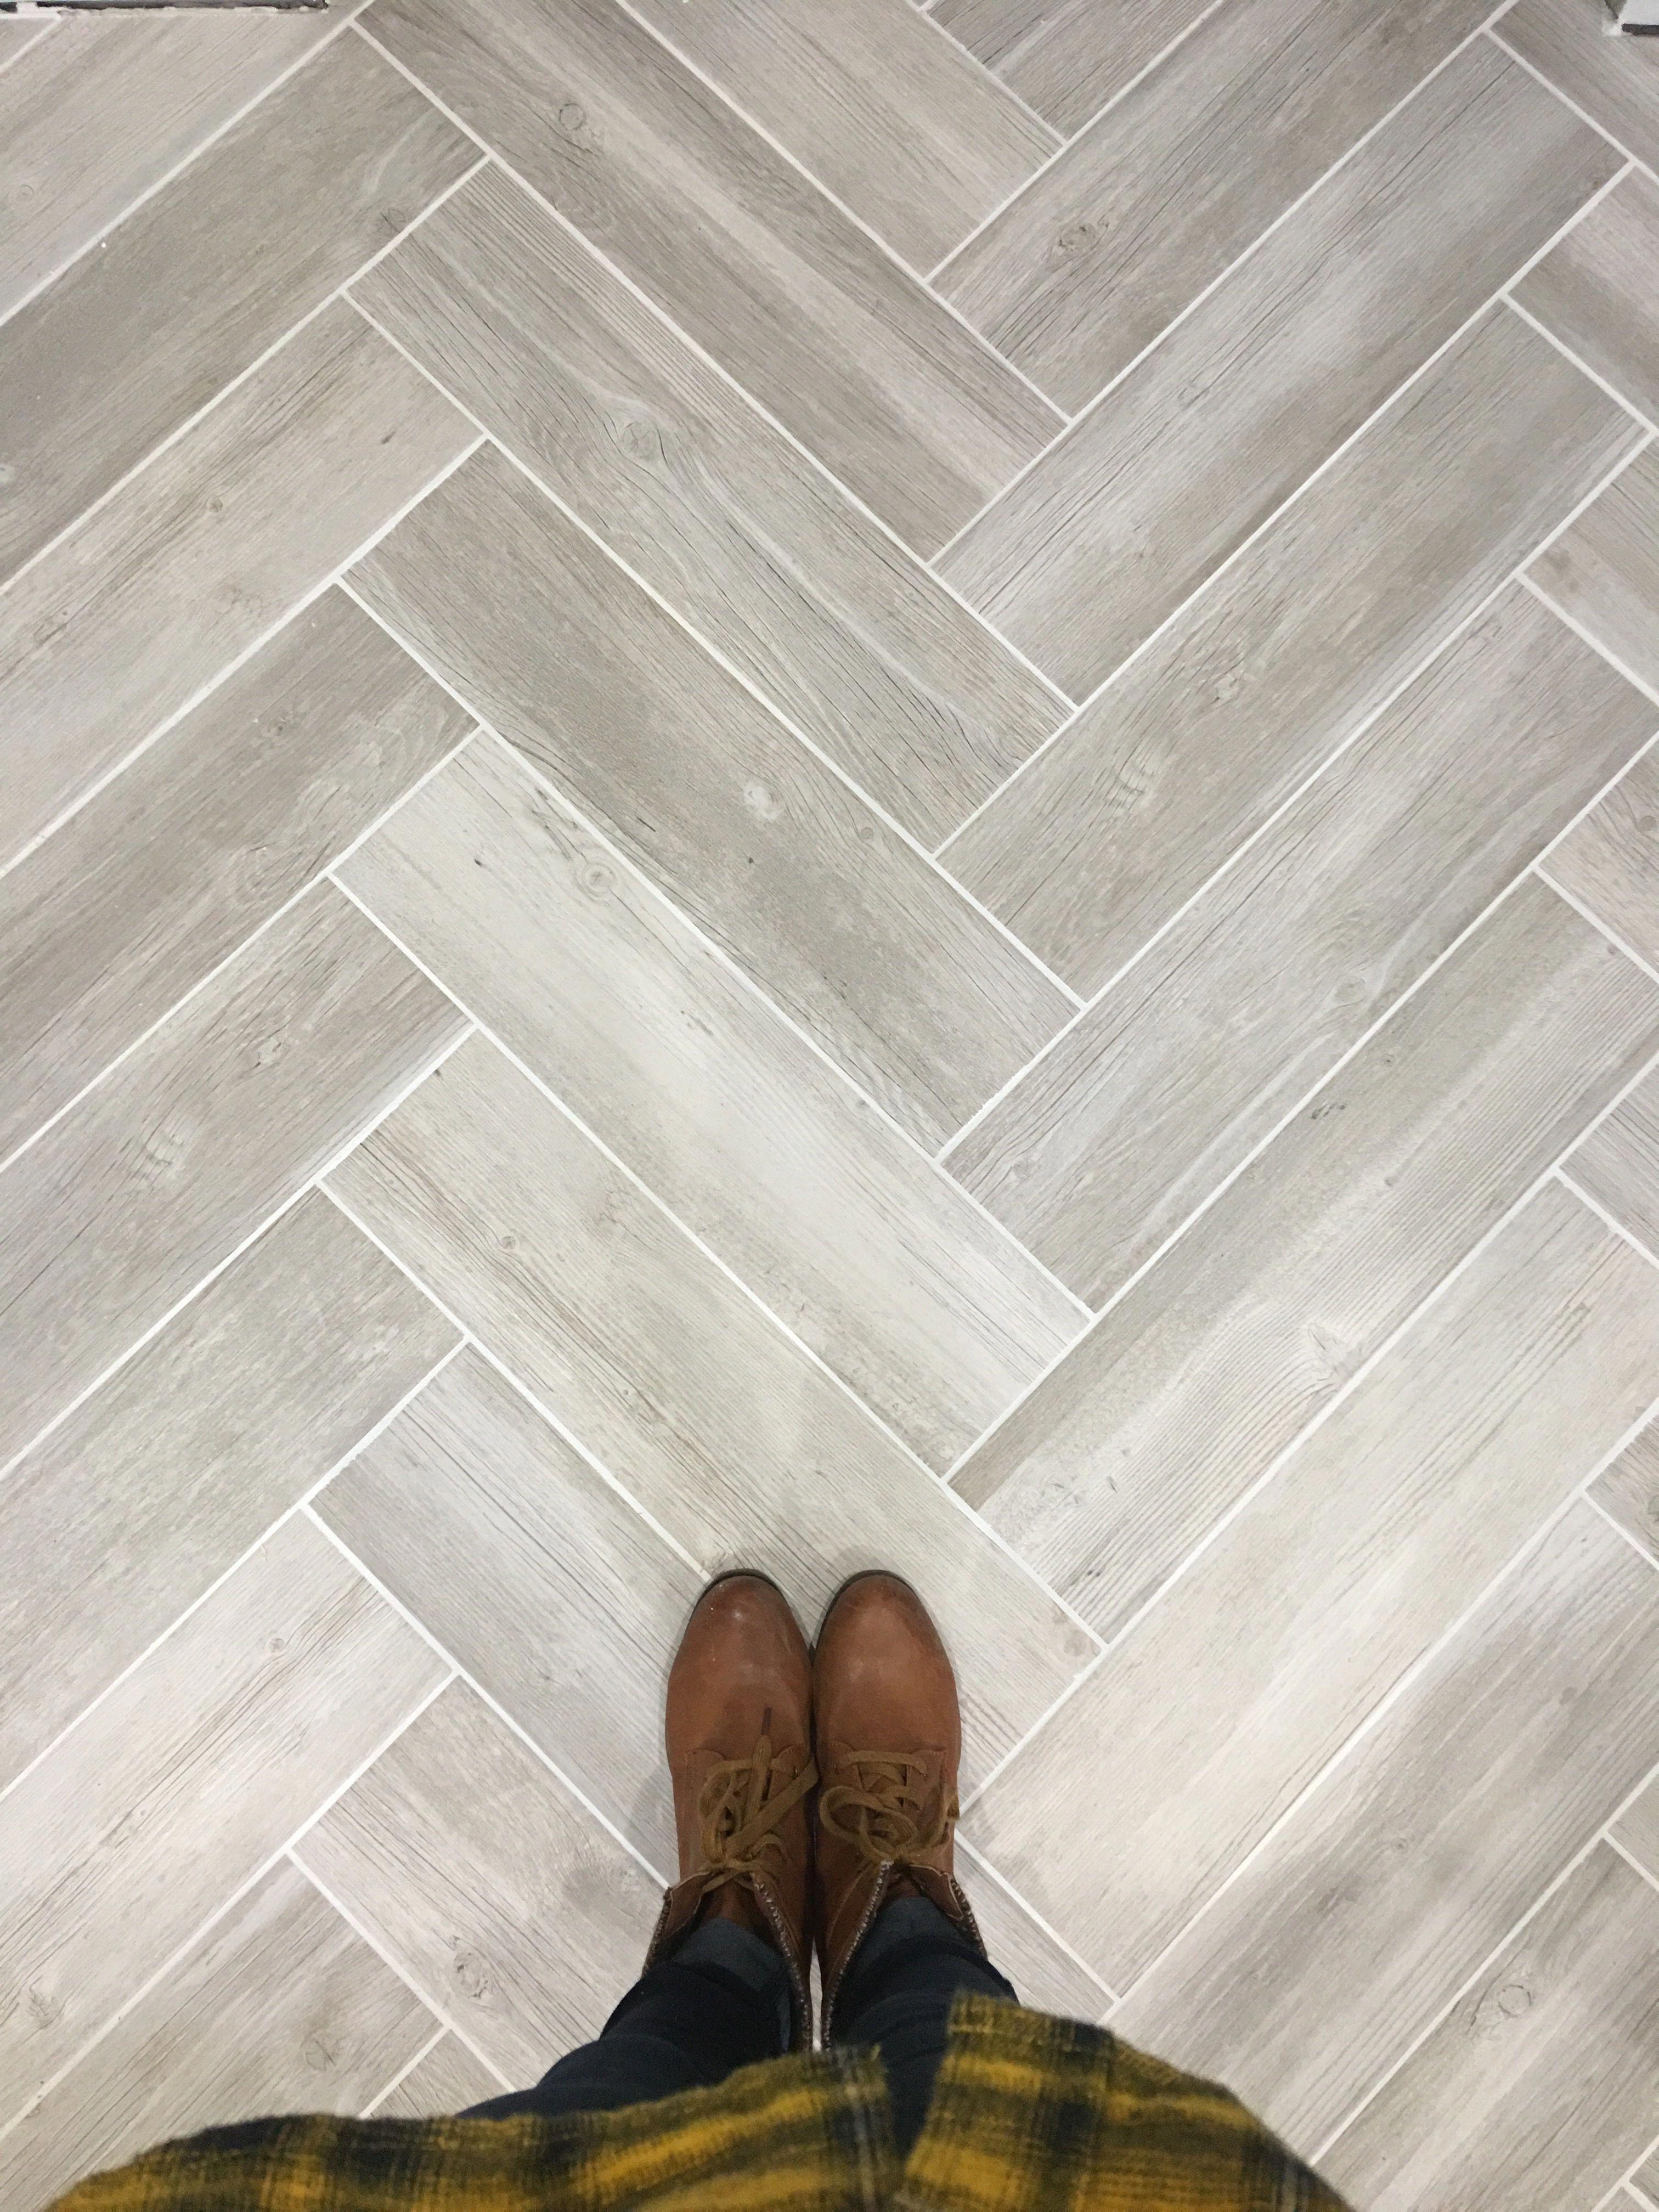 Lowe S Vintage Gray Wood Look Tile In Herringbone Pattern